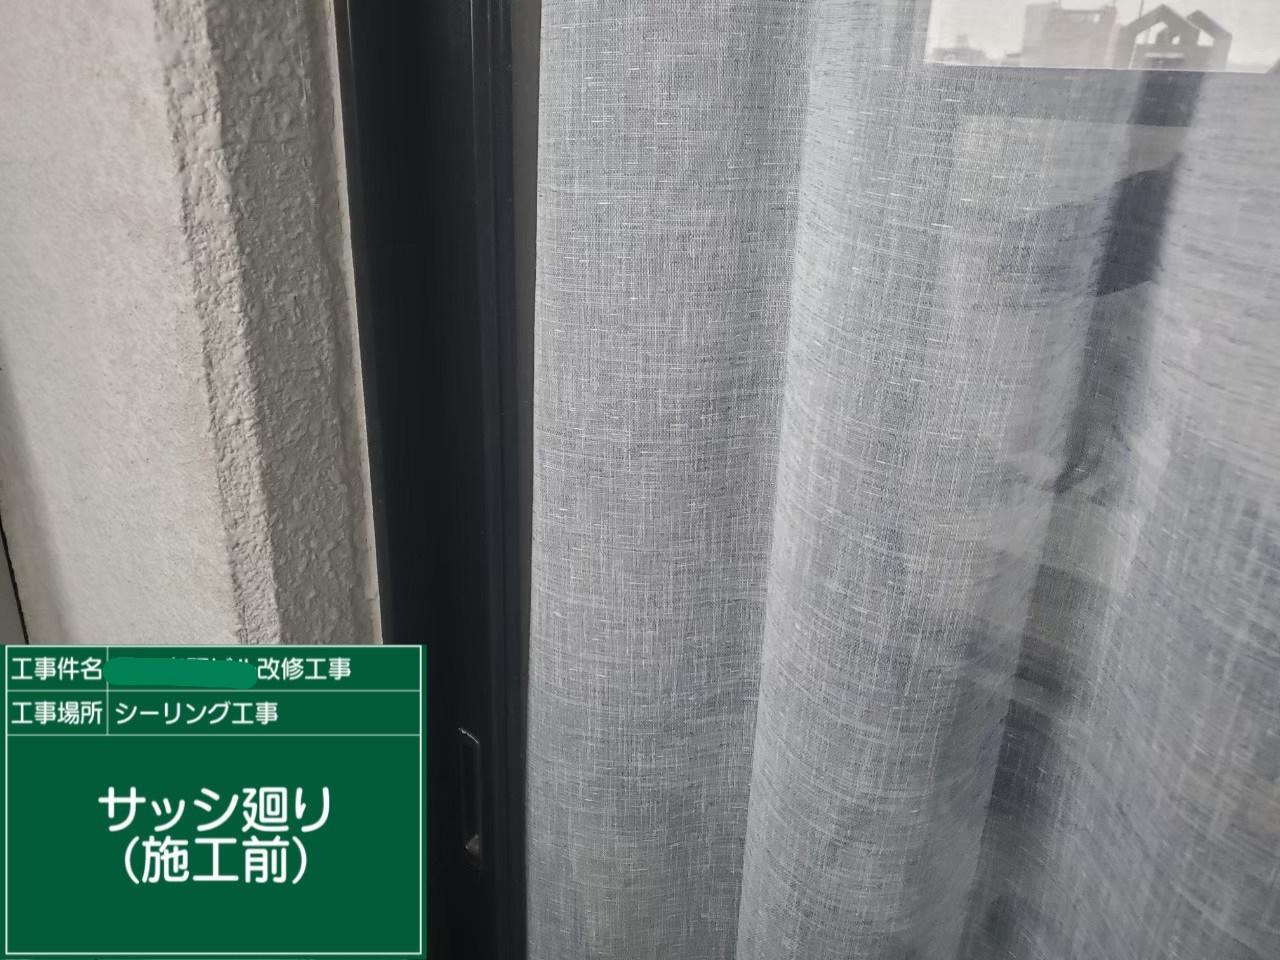 【サッシ廻り】①施工前